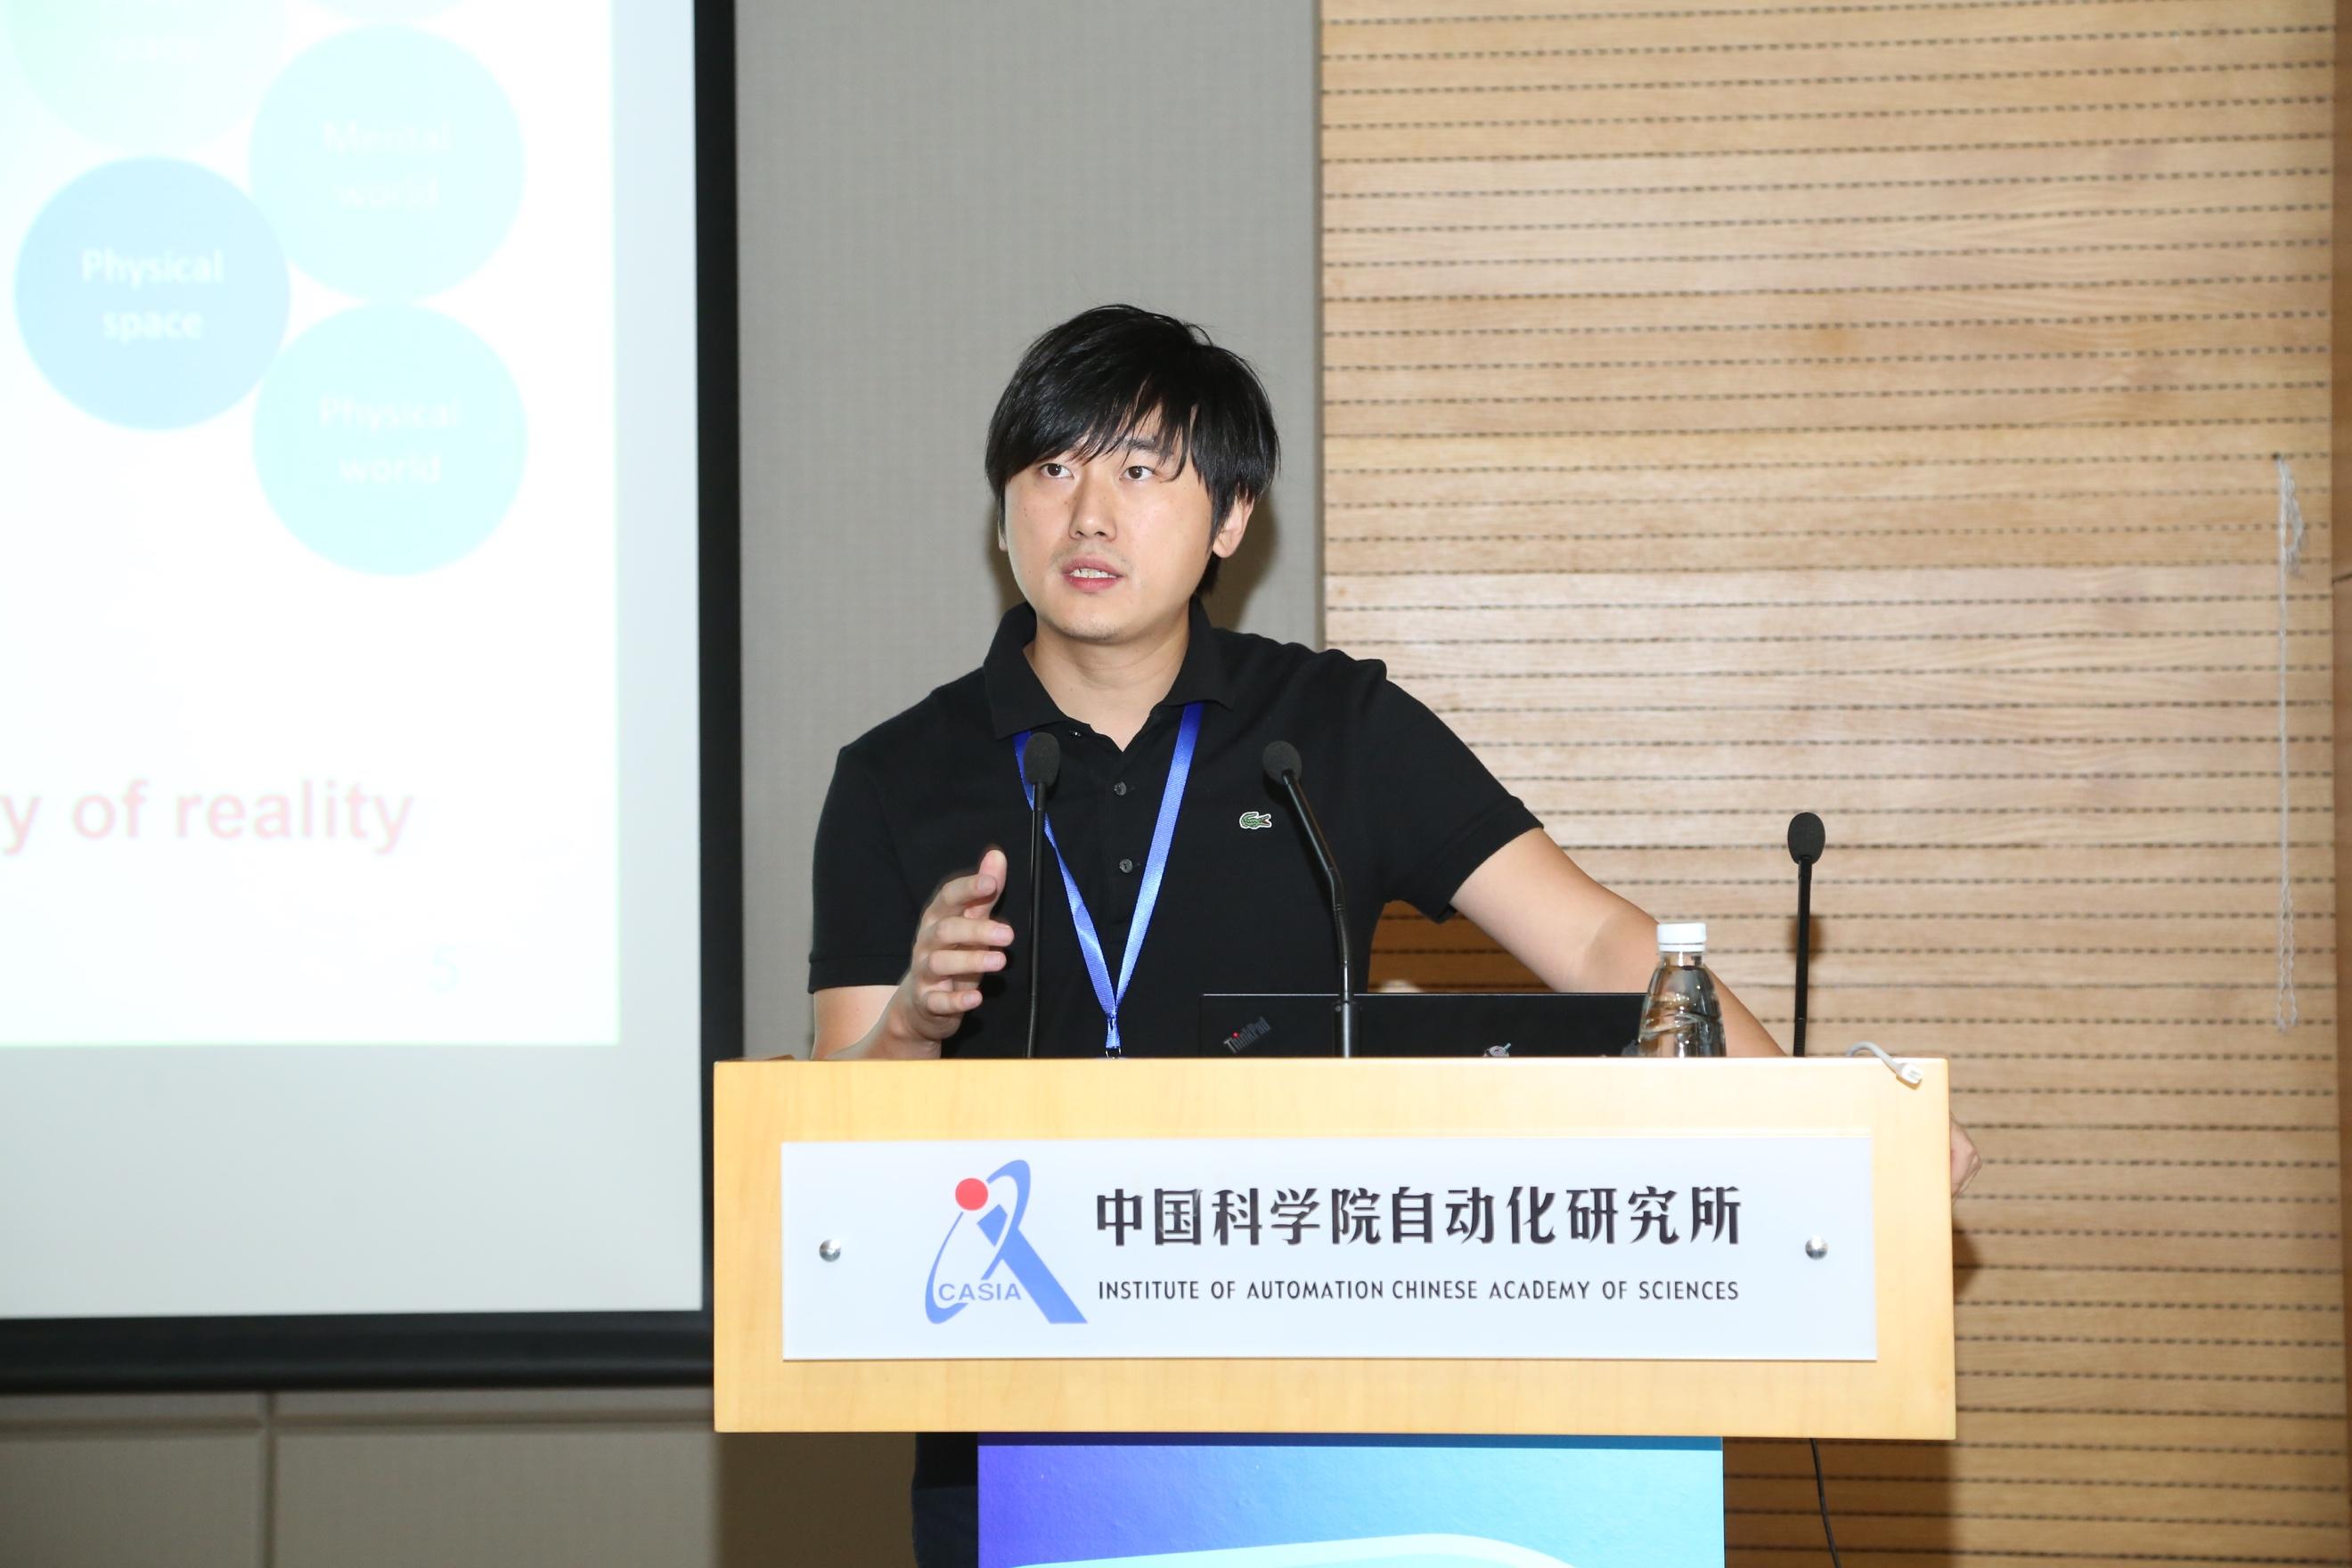 慧拓智能机器有限公司CEO陈龙作主旨演讲